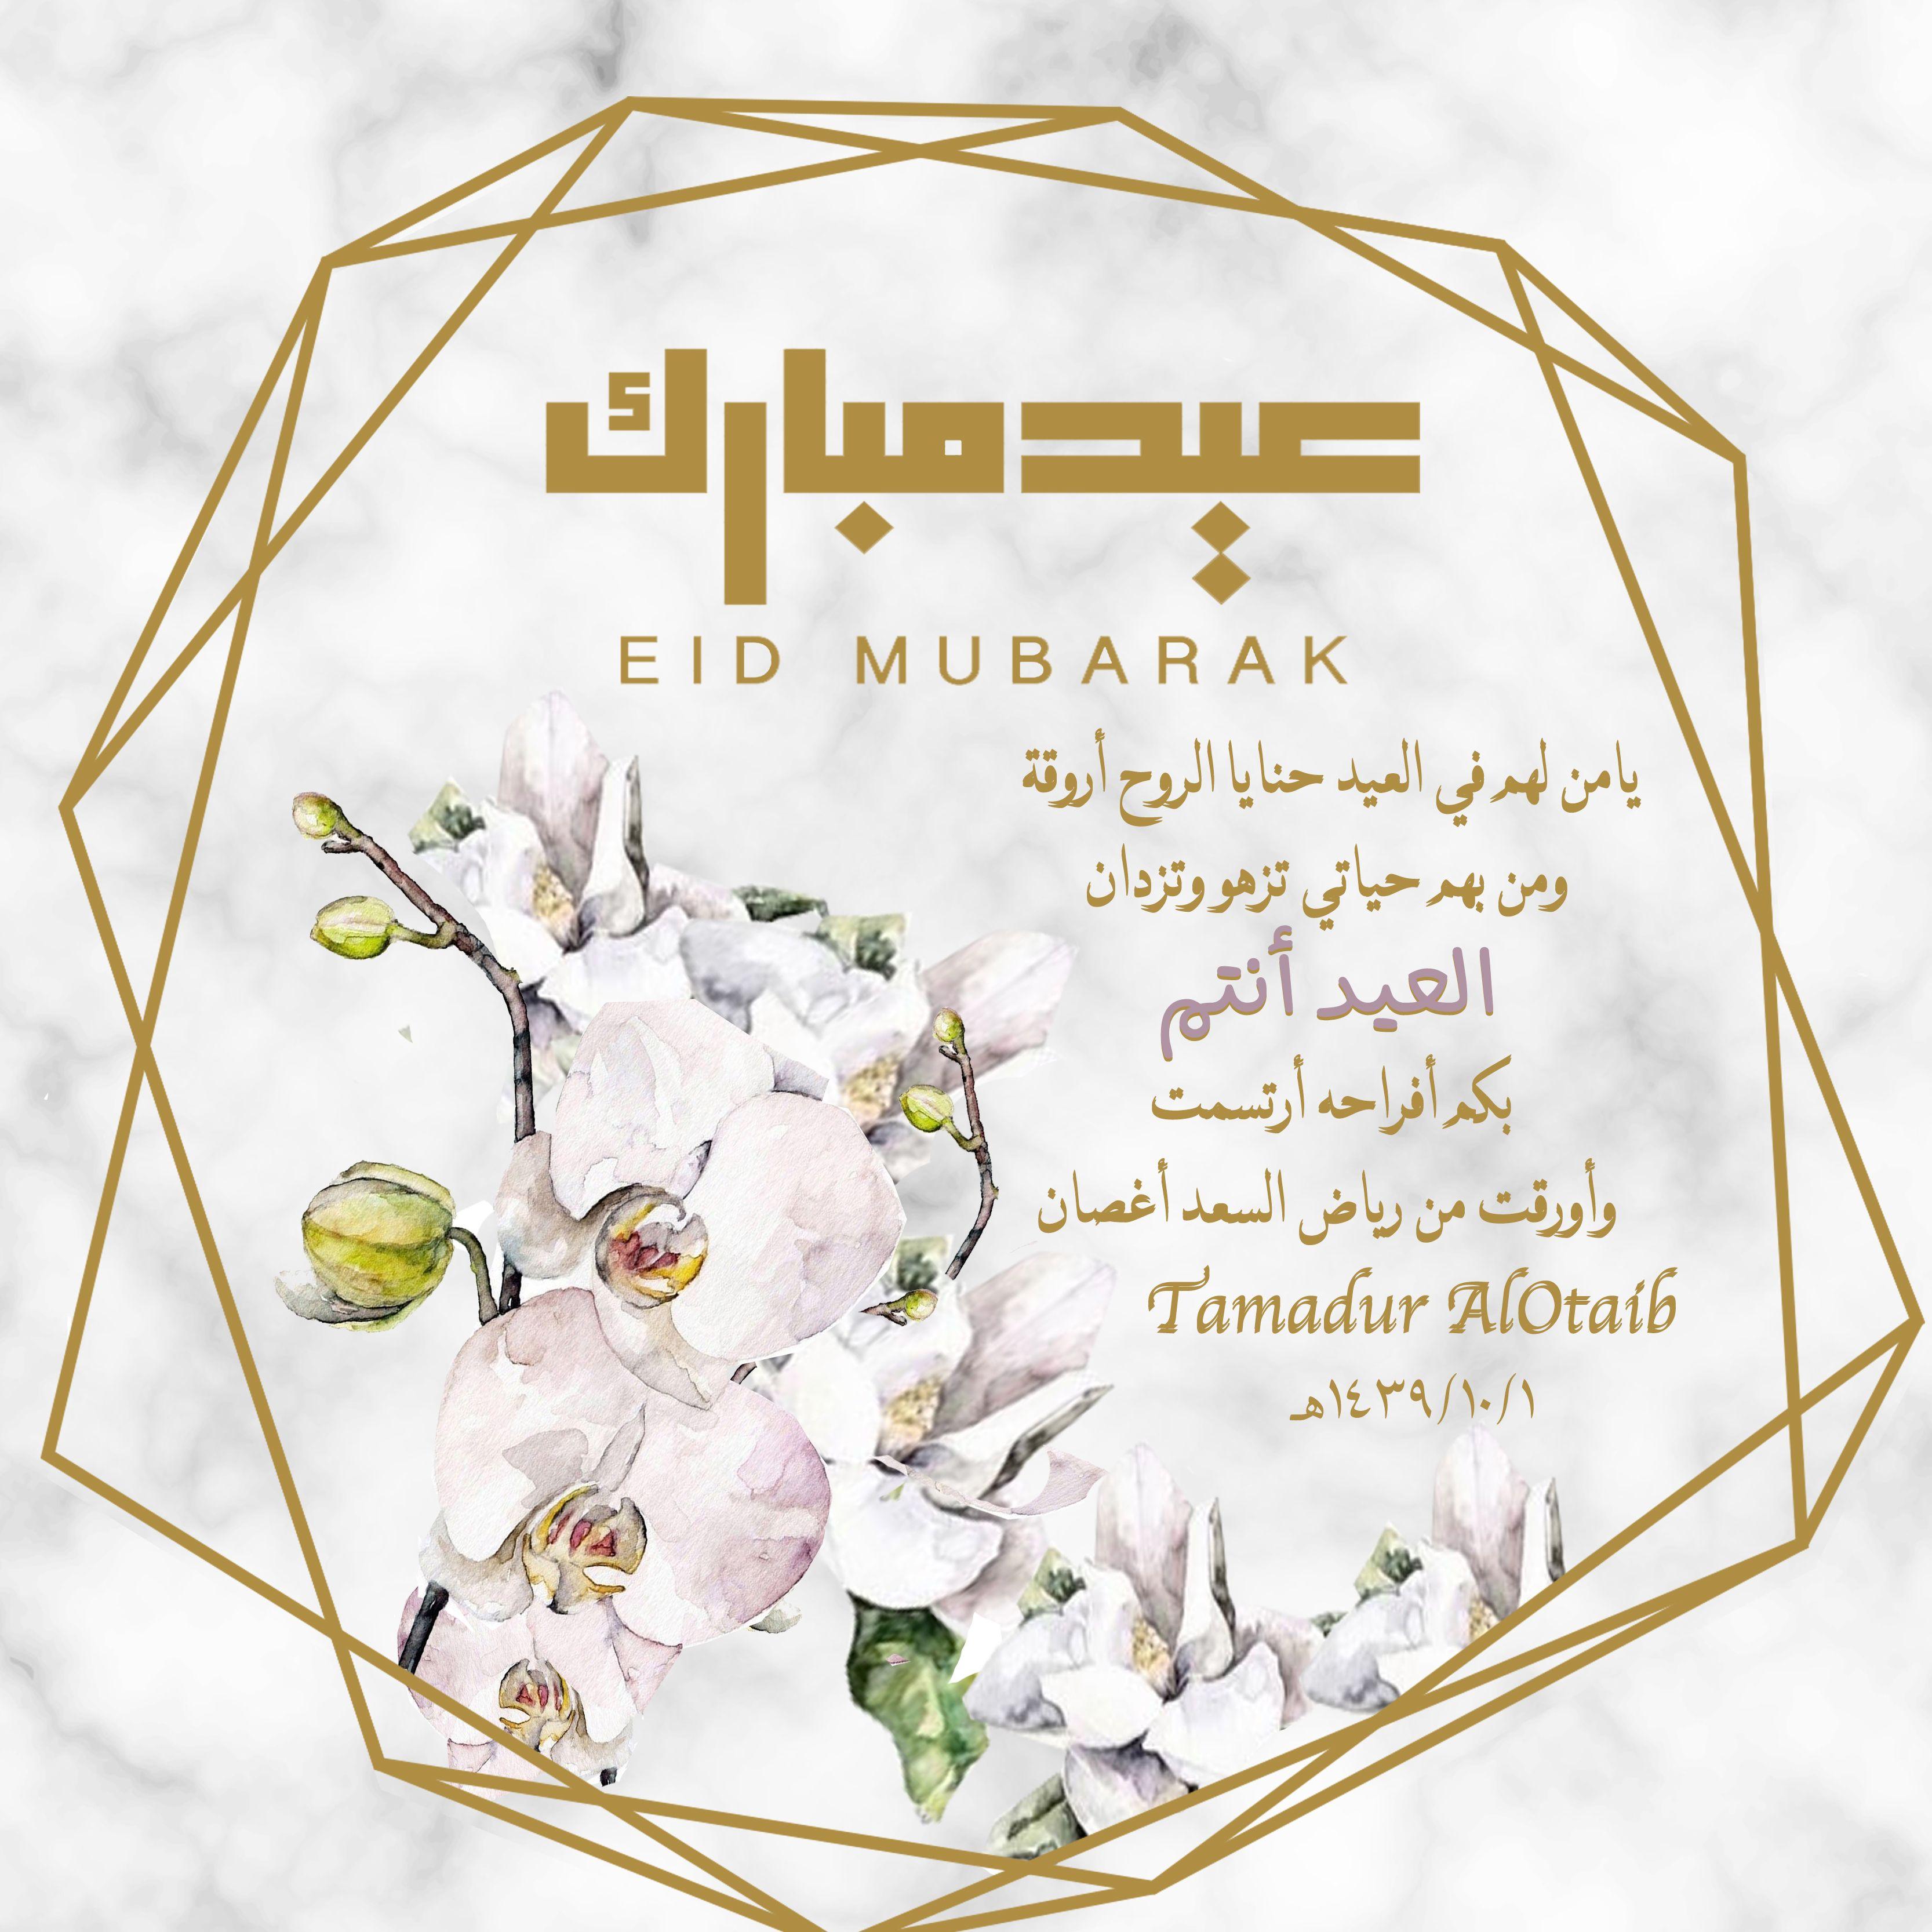 دعوة العيد Eid Wallpaper Eid Stickers Eid Cards